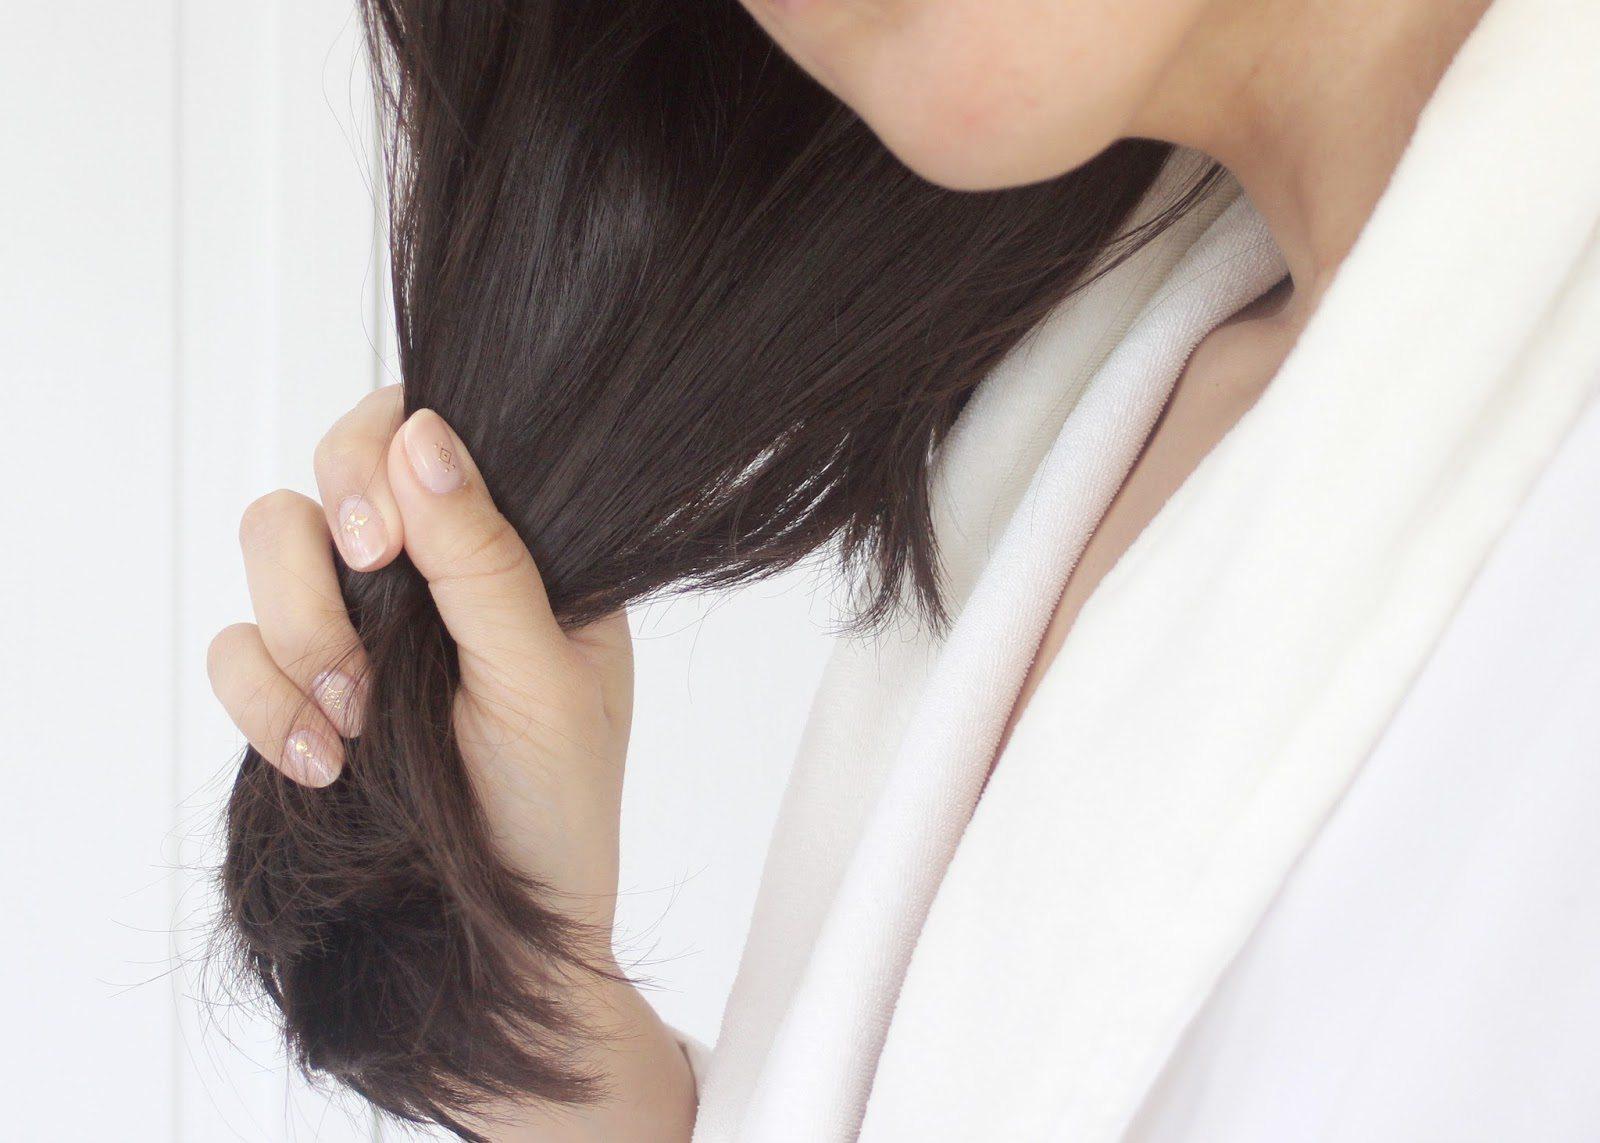 nên thoa serum dưỡng tóc ở phần đuôi tóc